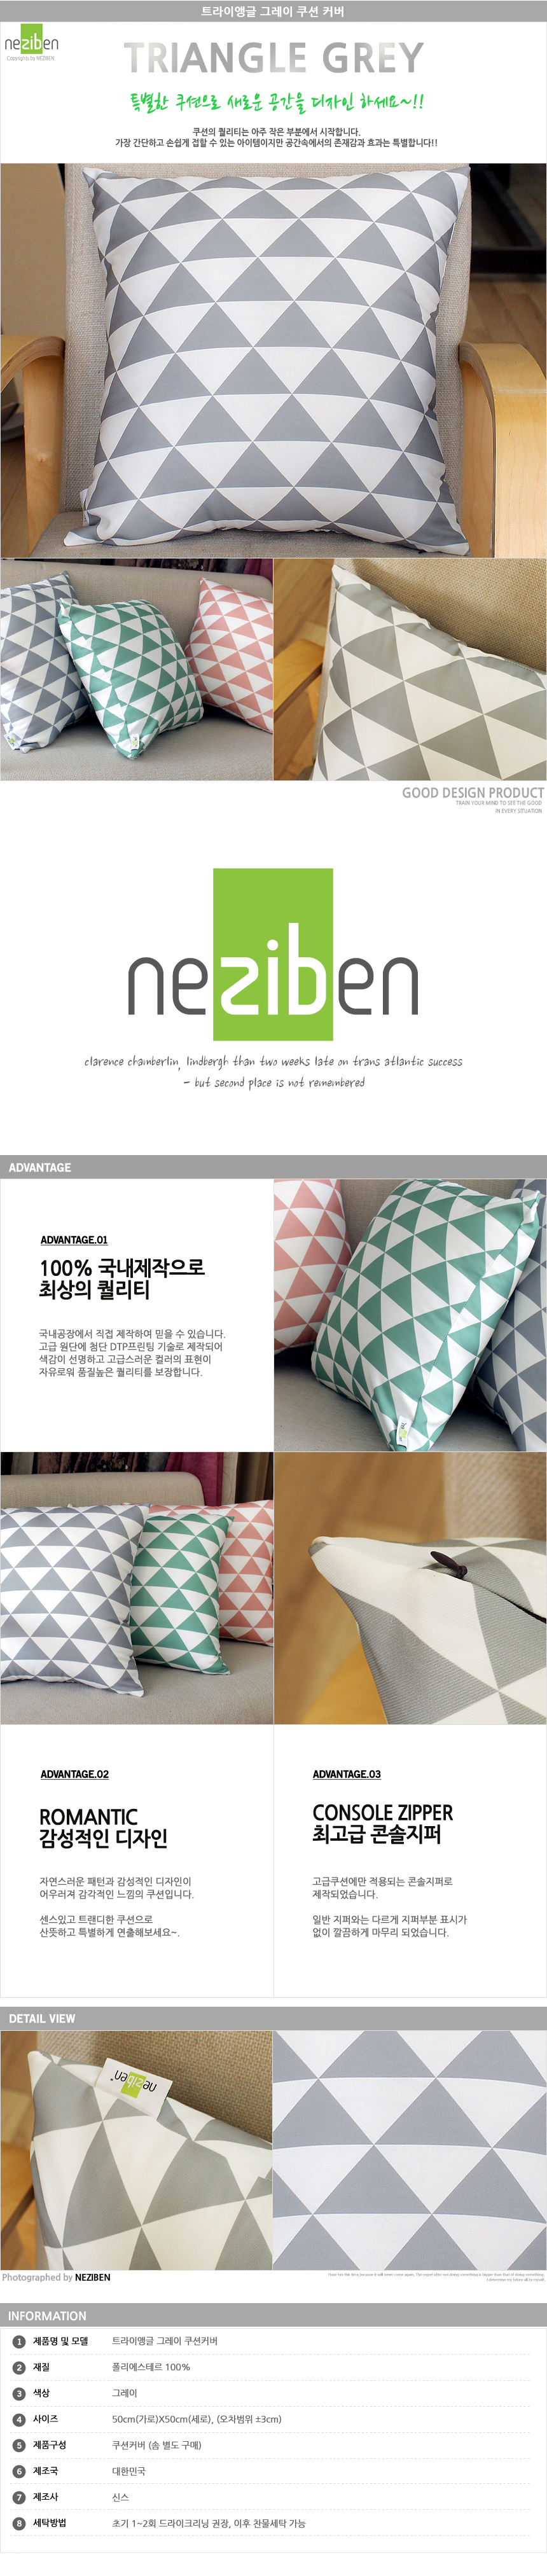 cushion_triangle_grey.jpg